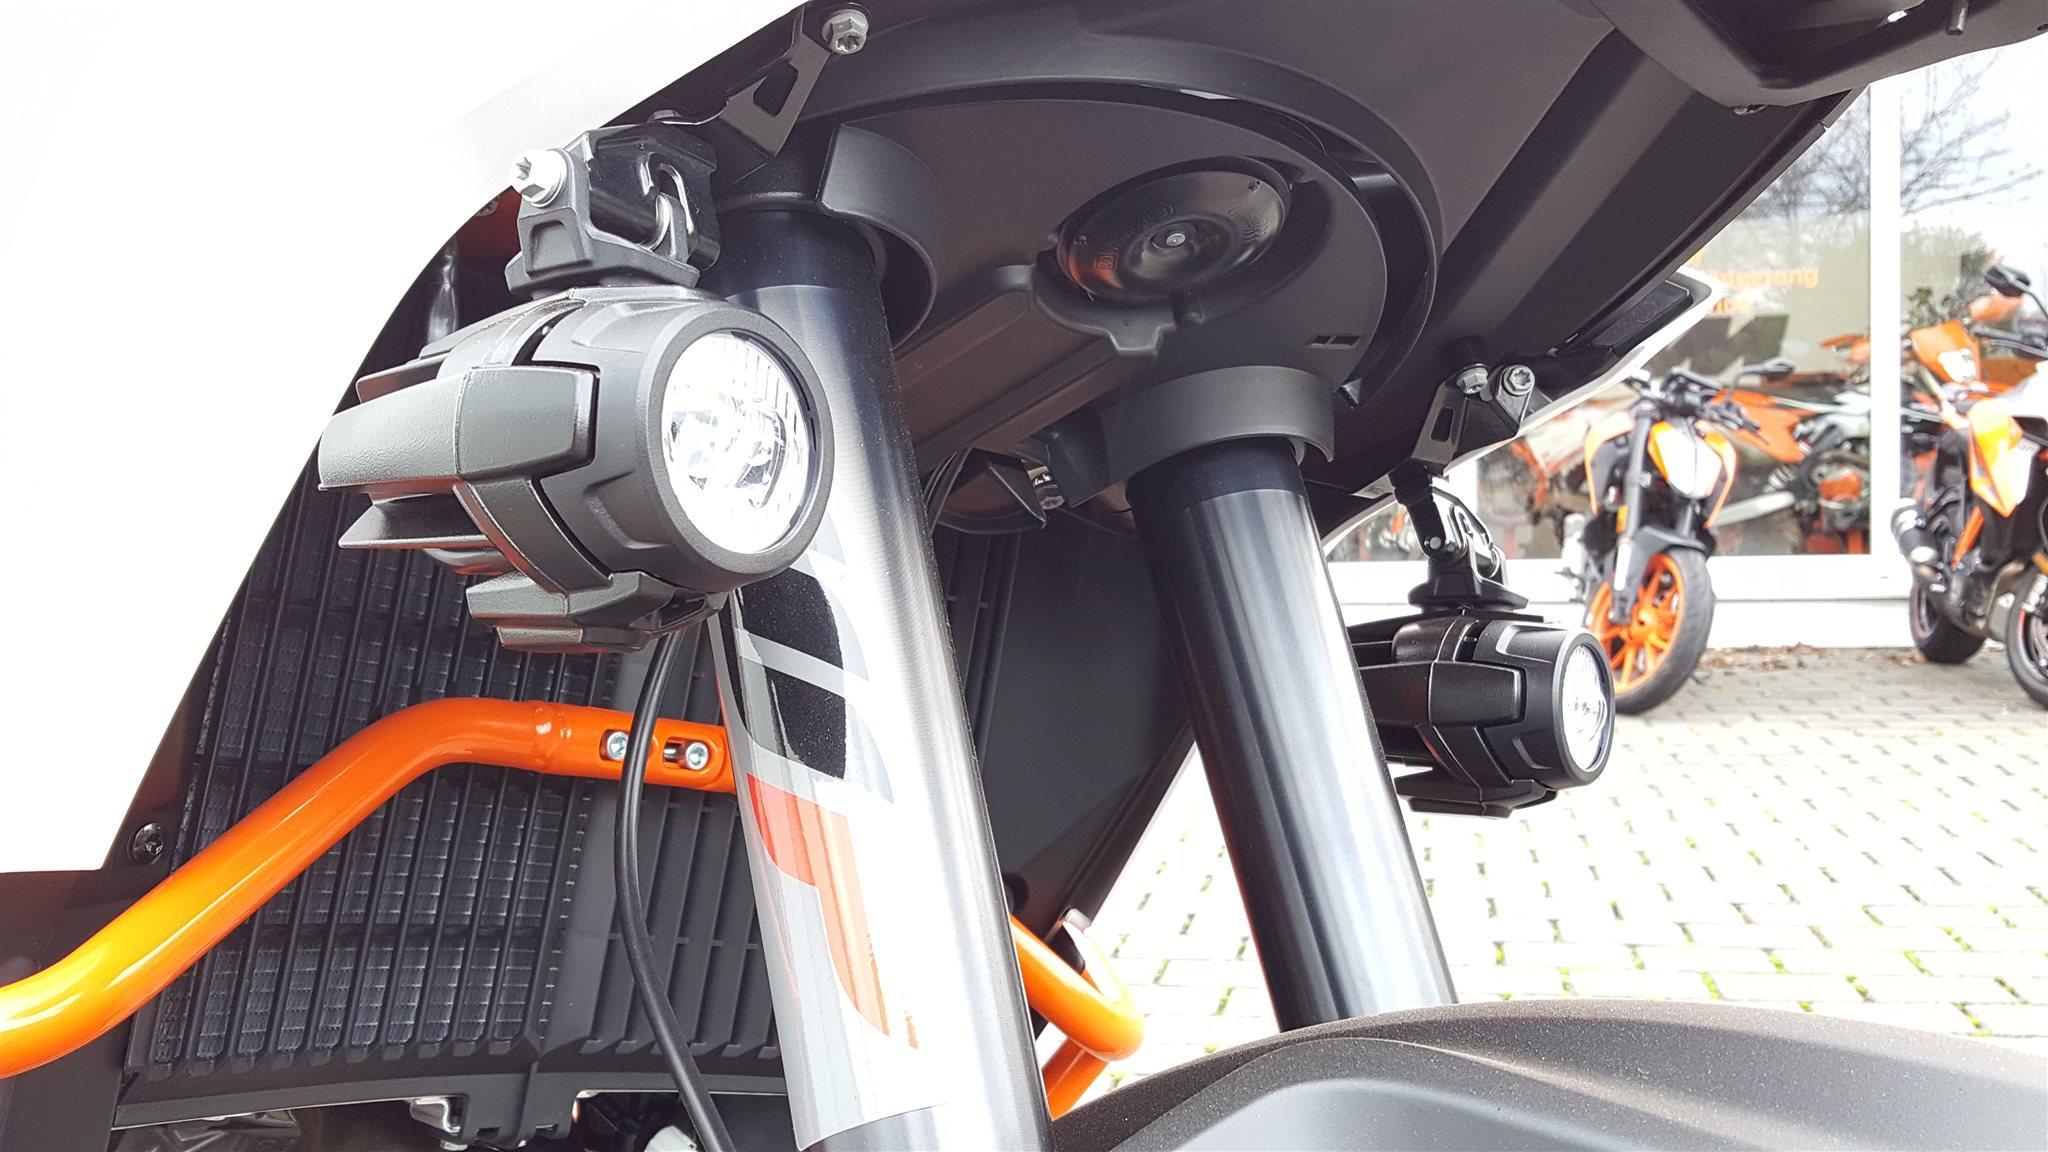 details zum custom bike ktm 1090 adventure r des h ndlers. Black Bedroom Furniture Sets. Home Design Ideas